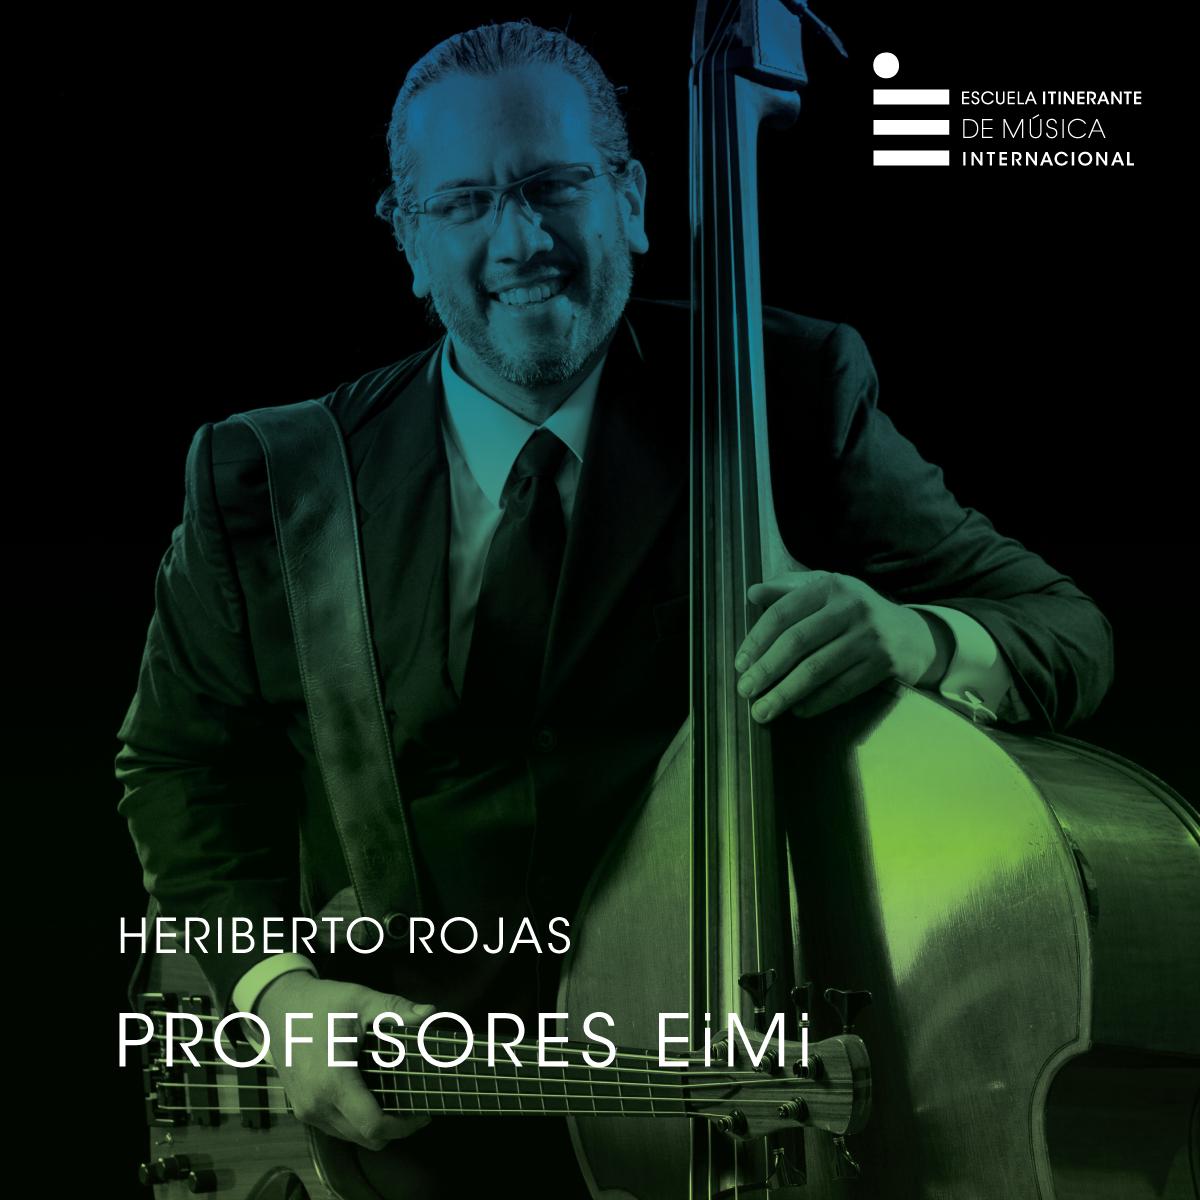 Heriberto Rojas Profesor de Bajo y Contrabajo de la Escuela Itinerante de Música Internacional